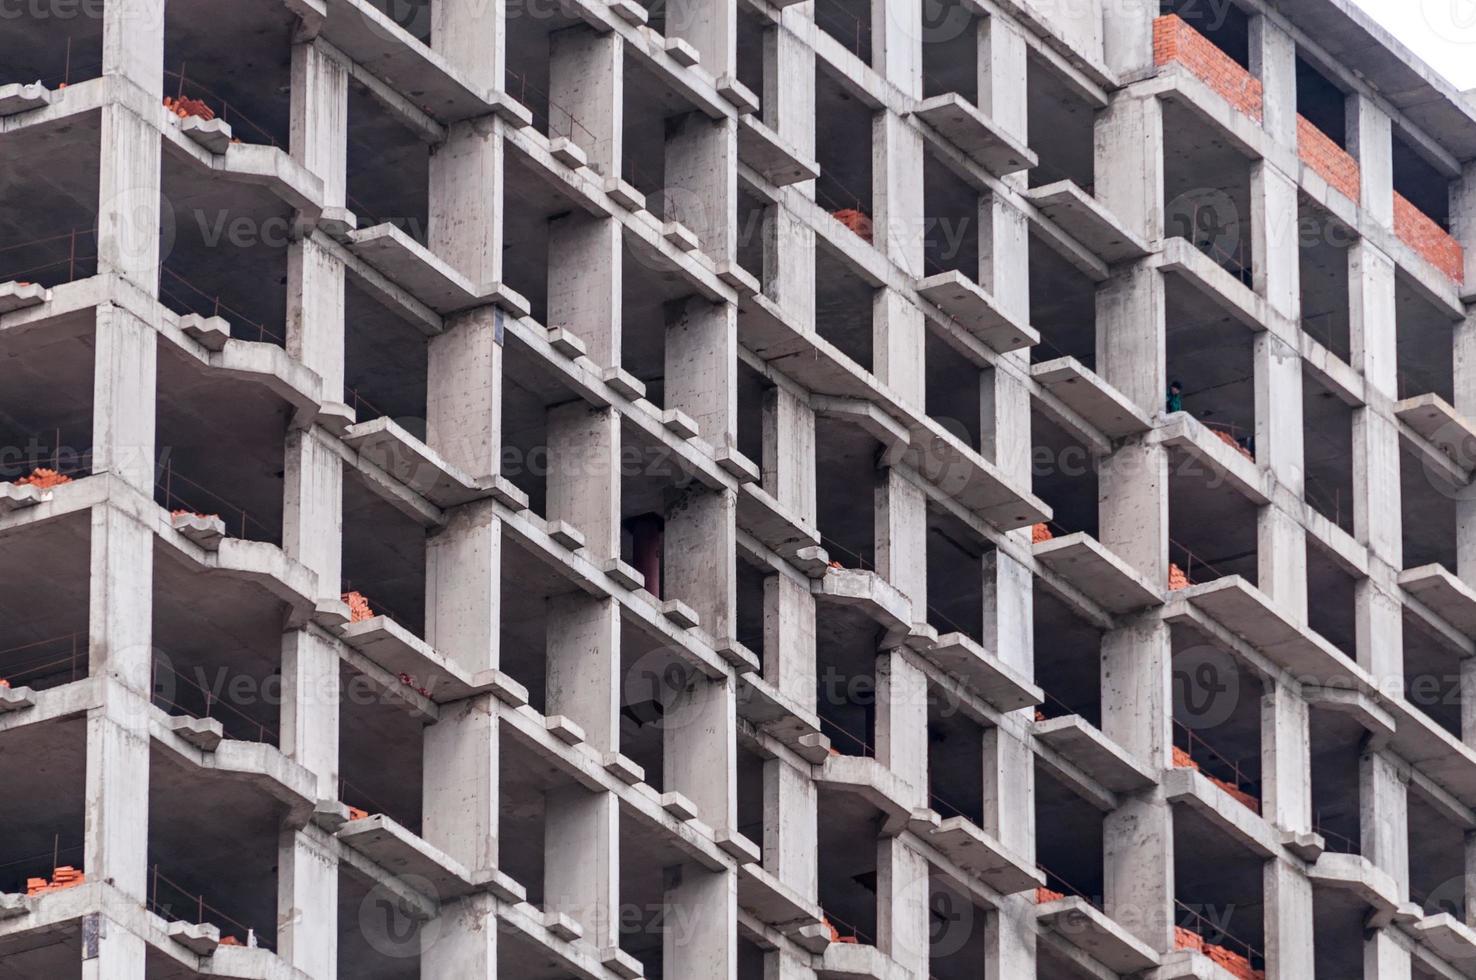 sitio de construcción de edificios de ladrillo de varios pisos foto